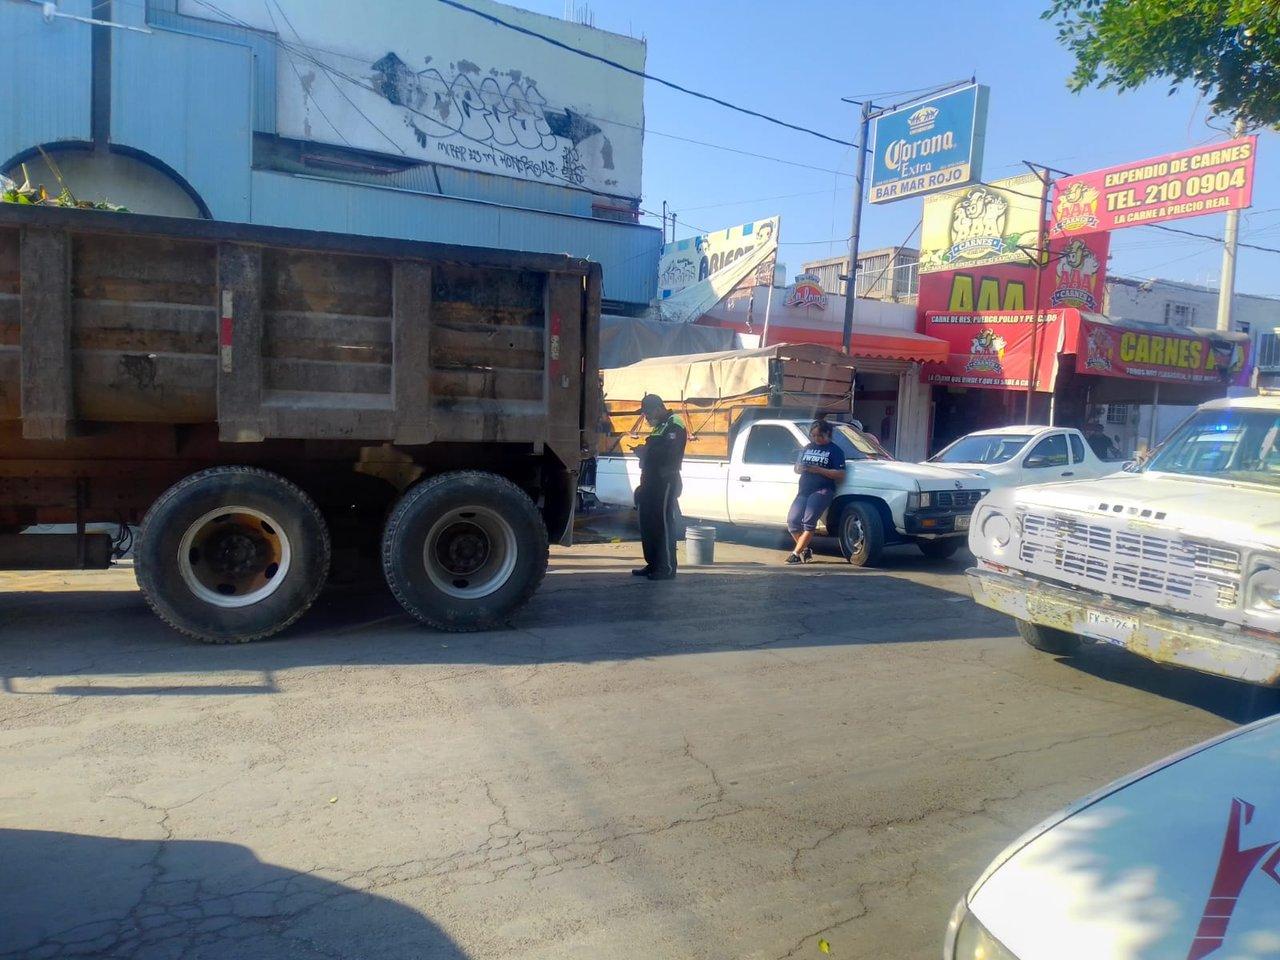 Chocan camión materialista y camioneta en Gómez Palacio